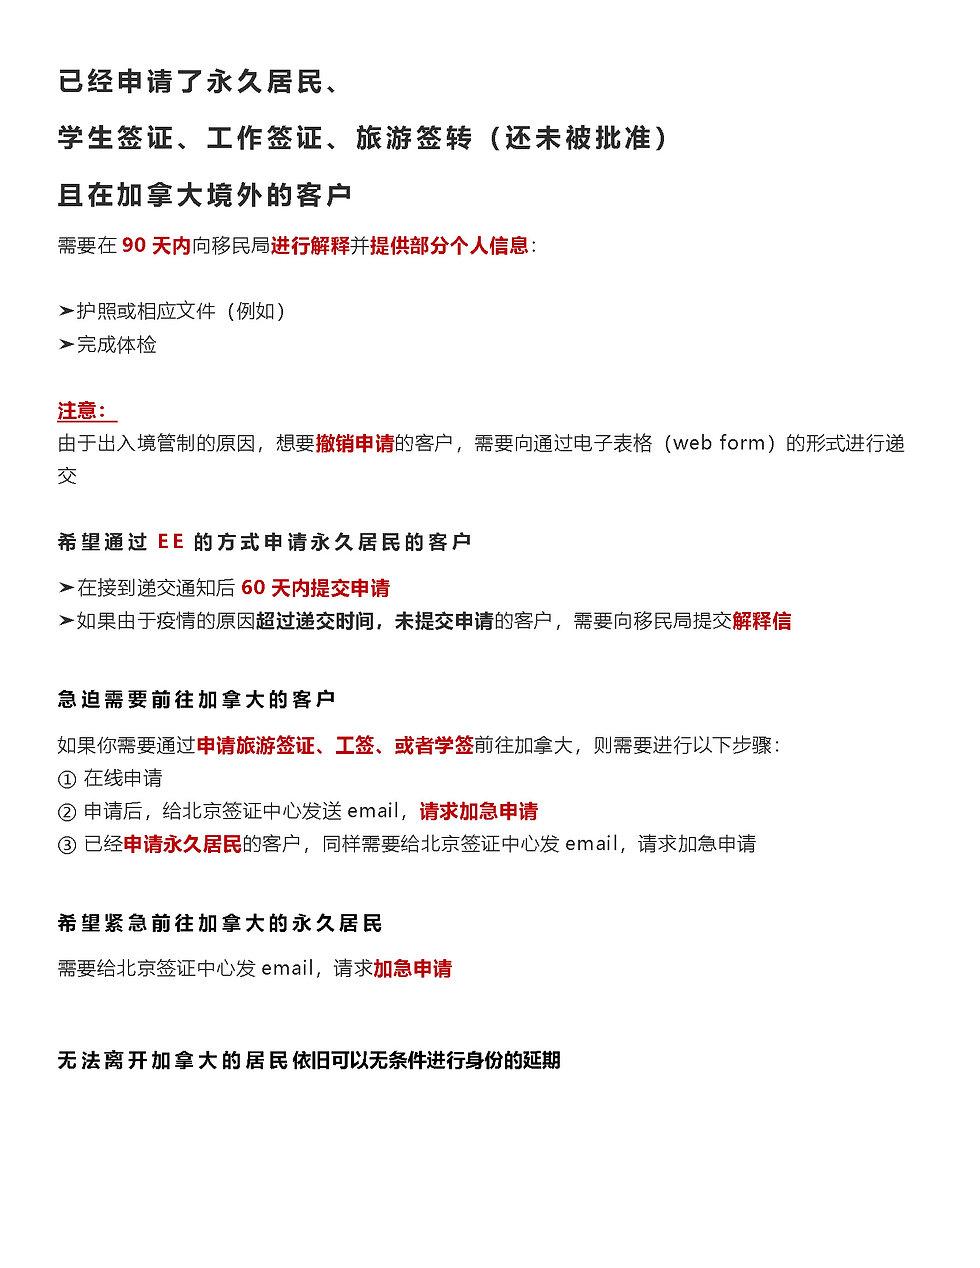 202003318 温尼伯站帖子_Page_10.jpg